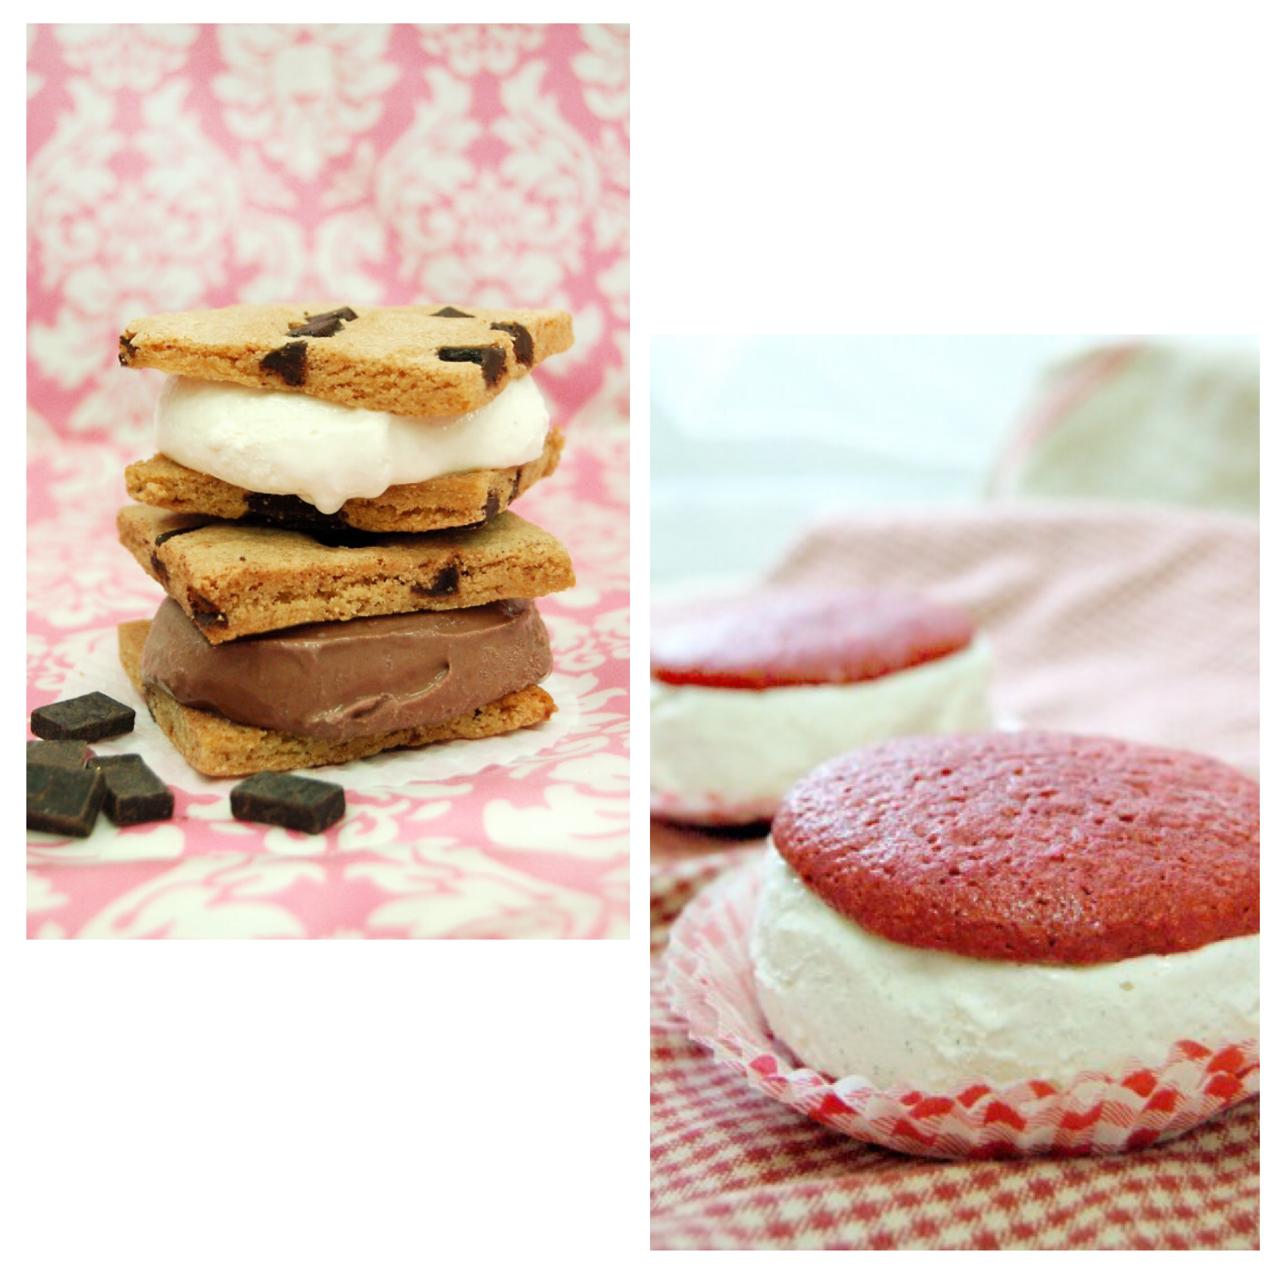 これぞ夏のサンドウィッチ! 『マグノリアベーカリー』の「アイスクリーム サンドウィッチ」☆_2